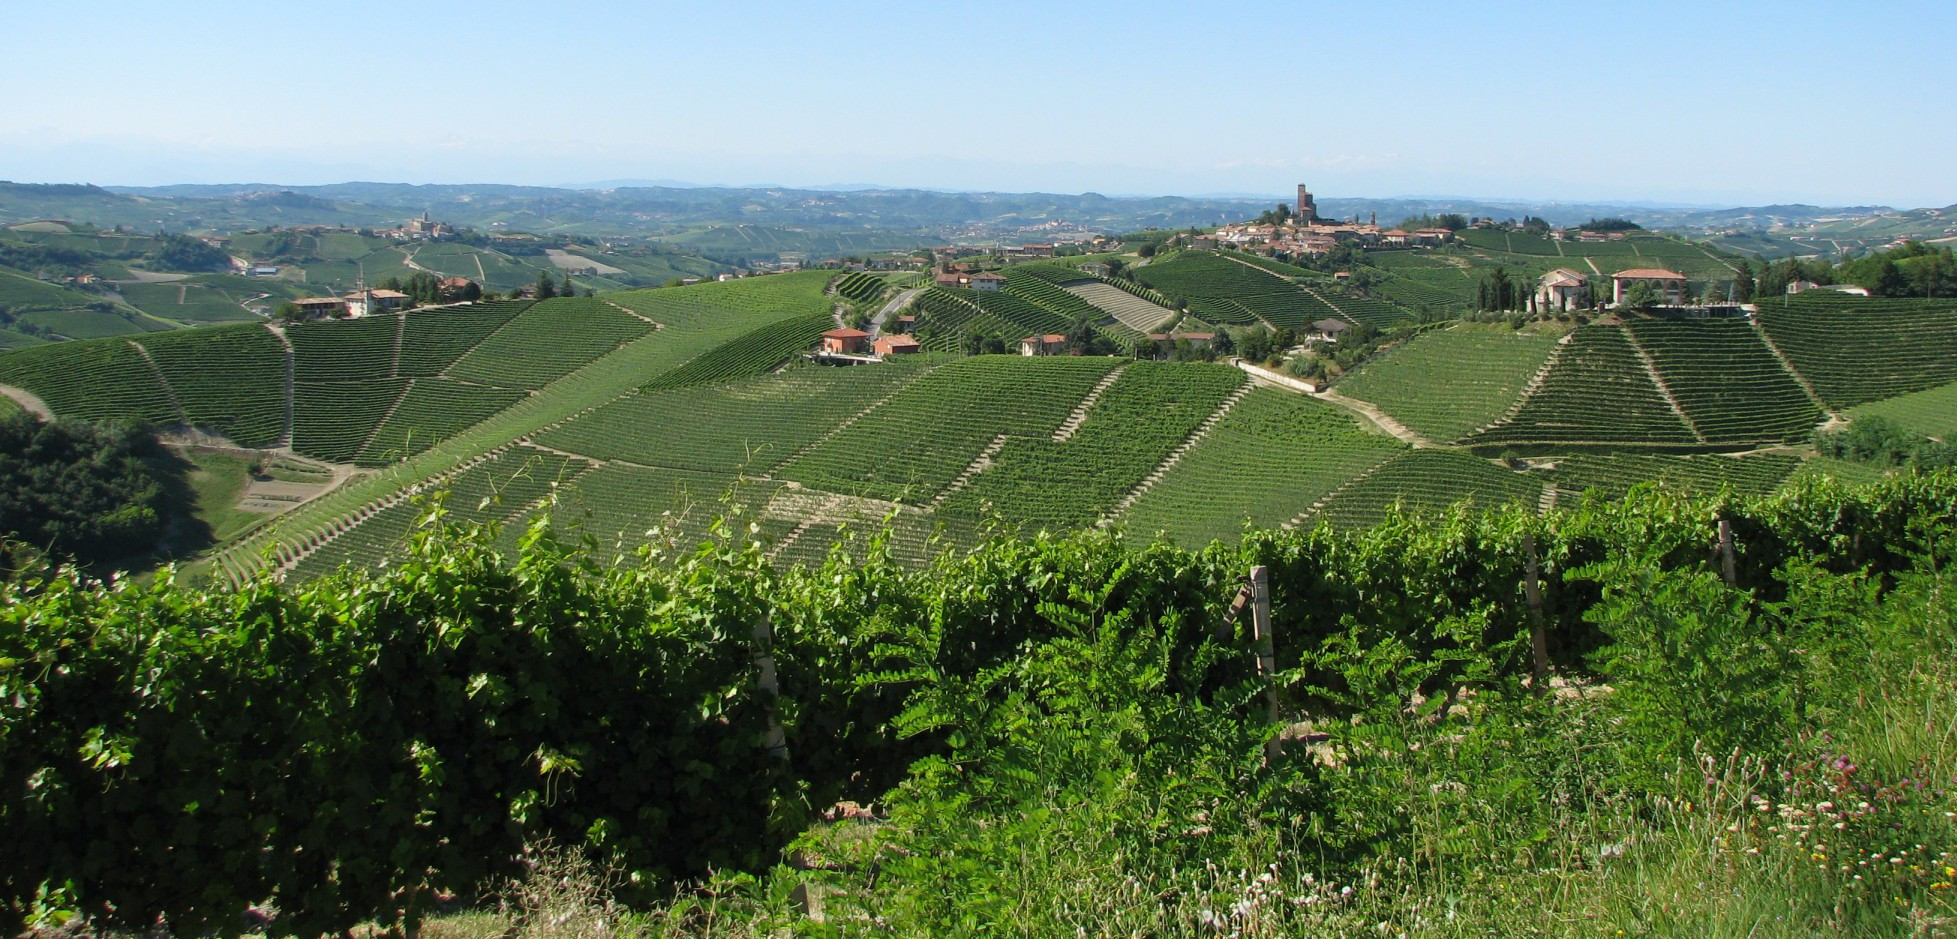 zomerwijnlandschap met kasteel Serralunga